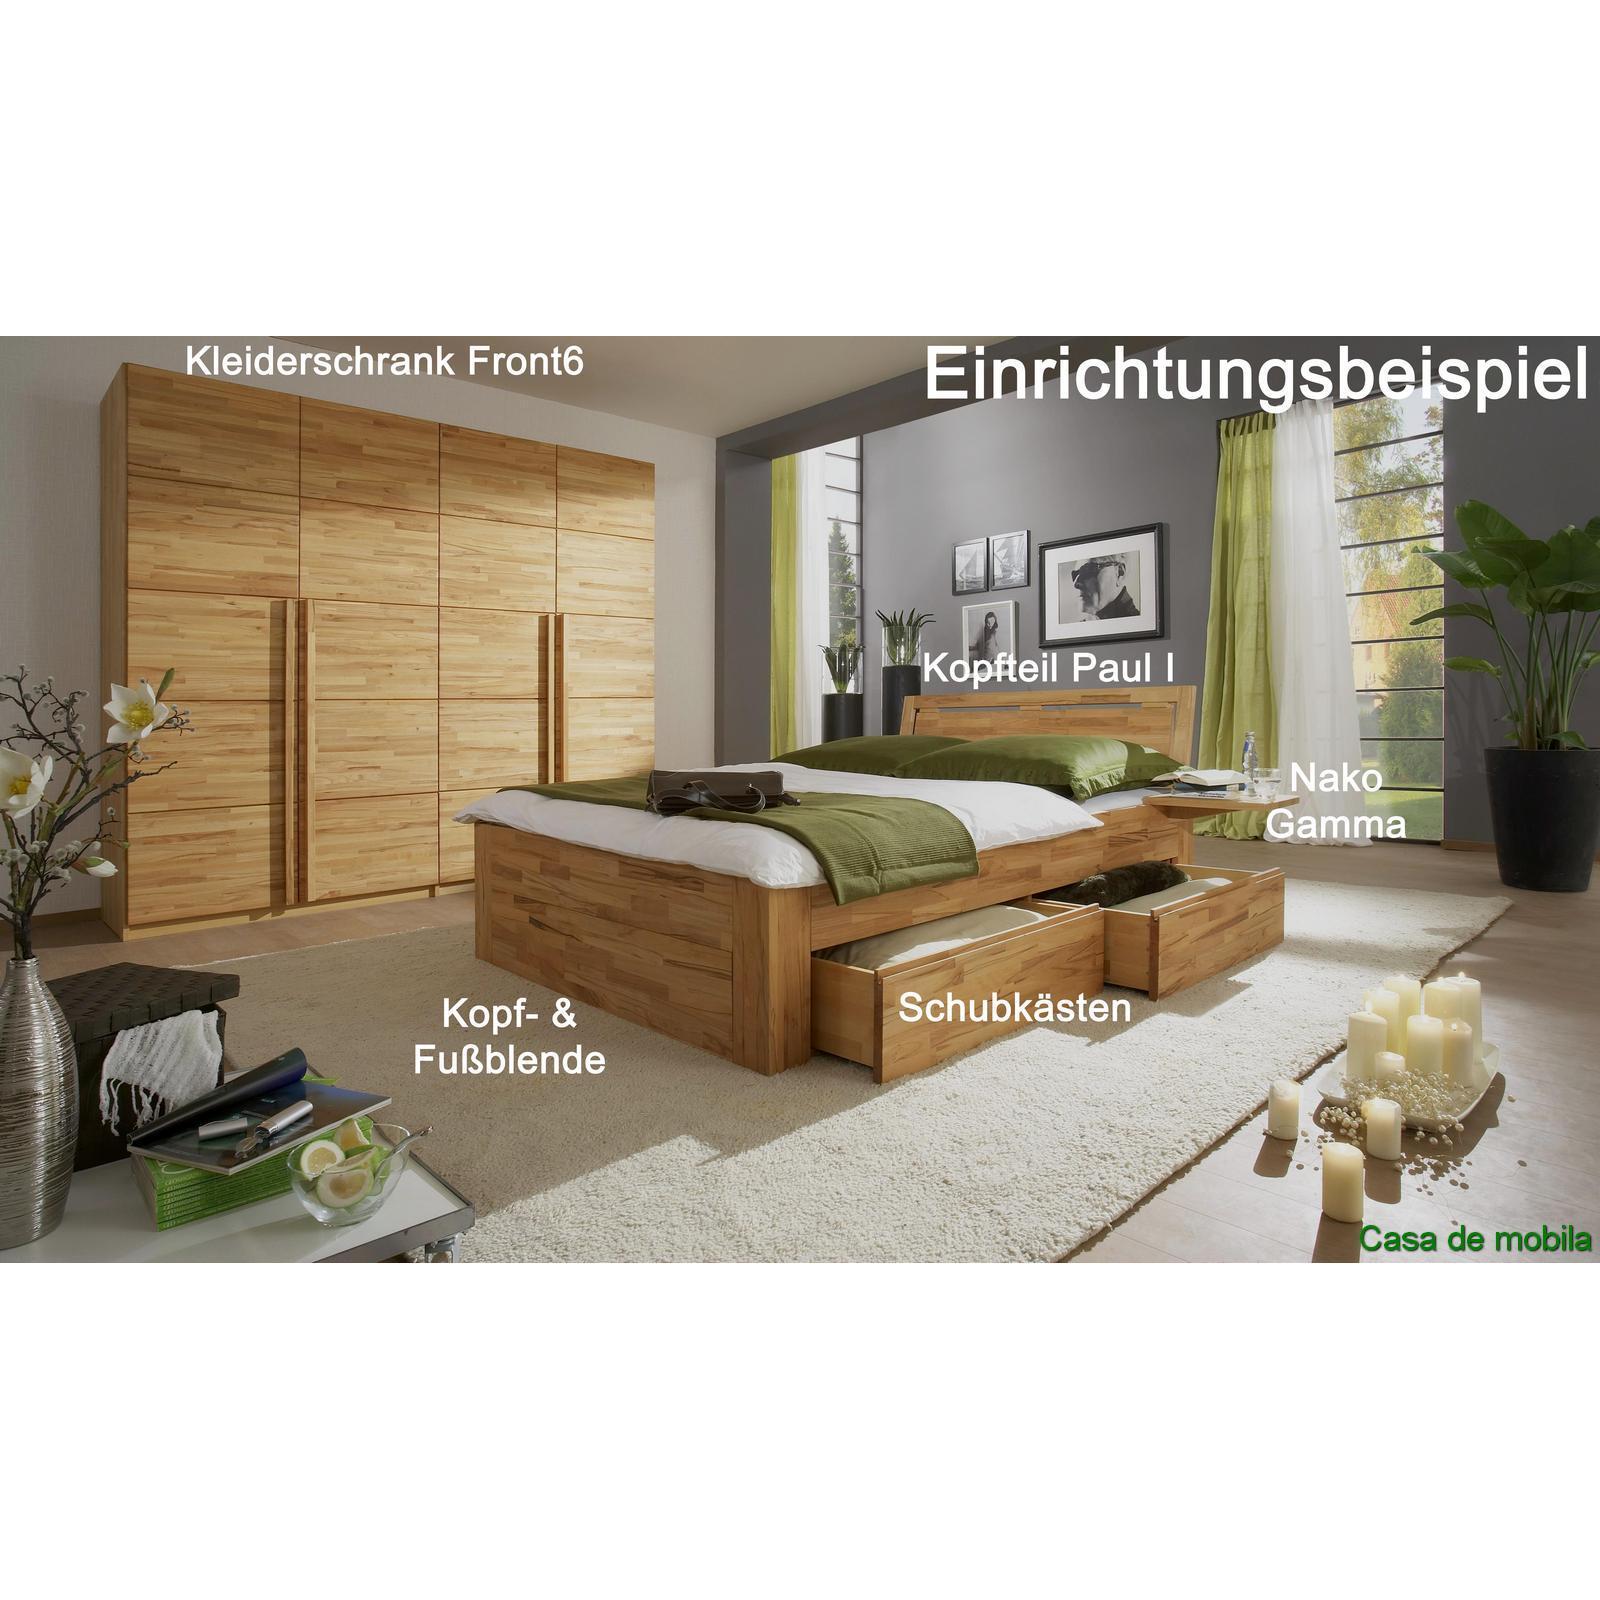 schubladenbett kernbuche massiv caro 200x200 bett mit schubladen. Black Bedroom Furniture Sets. Home Design Ideas